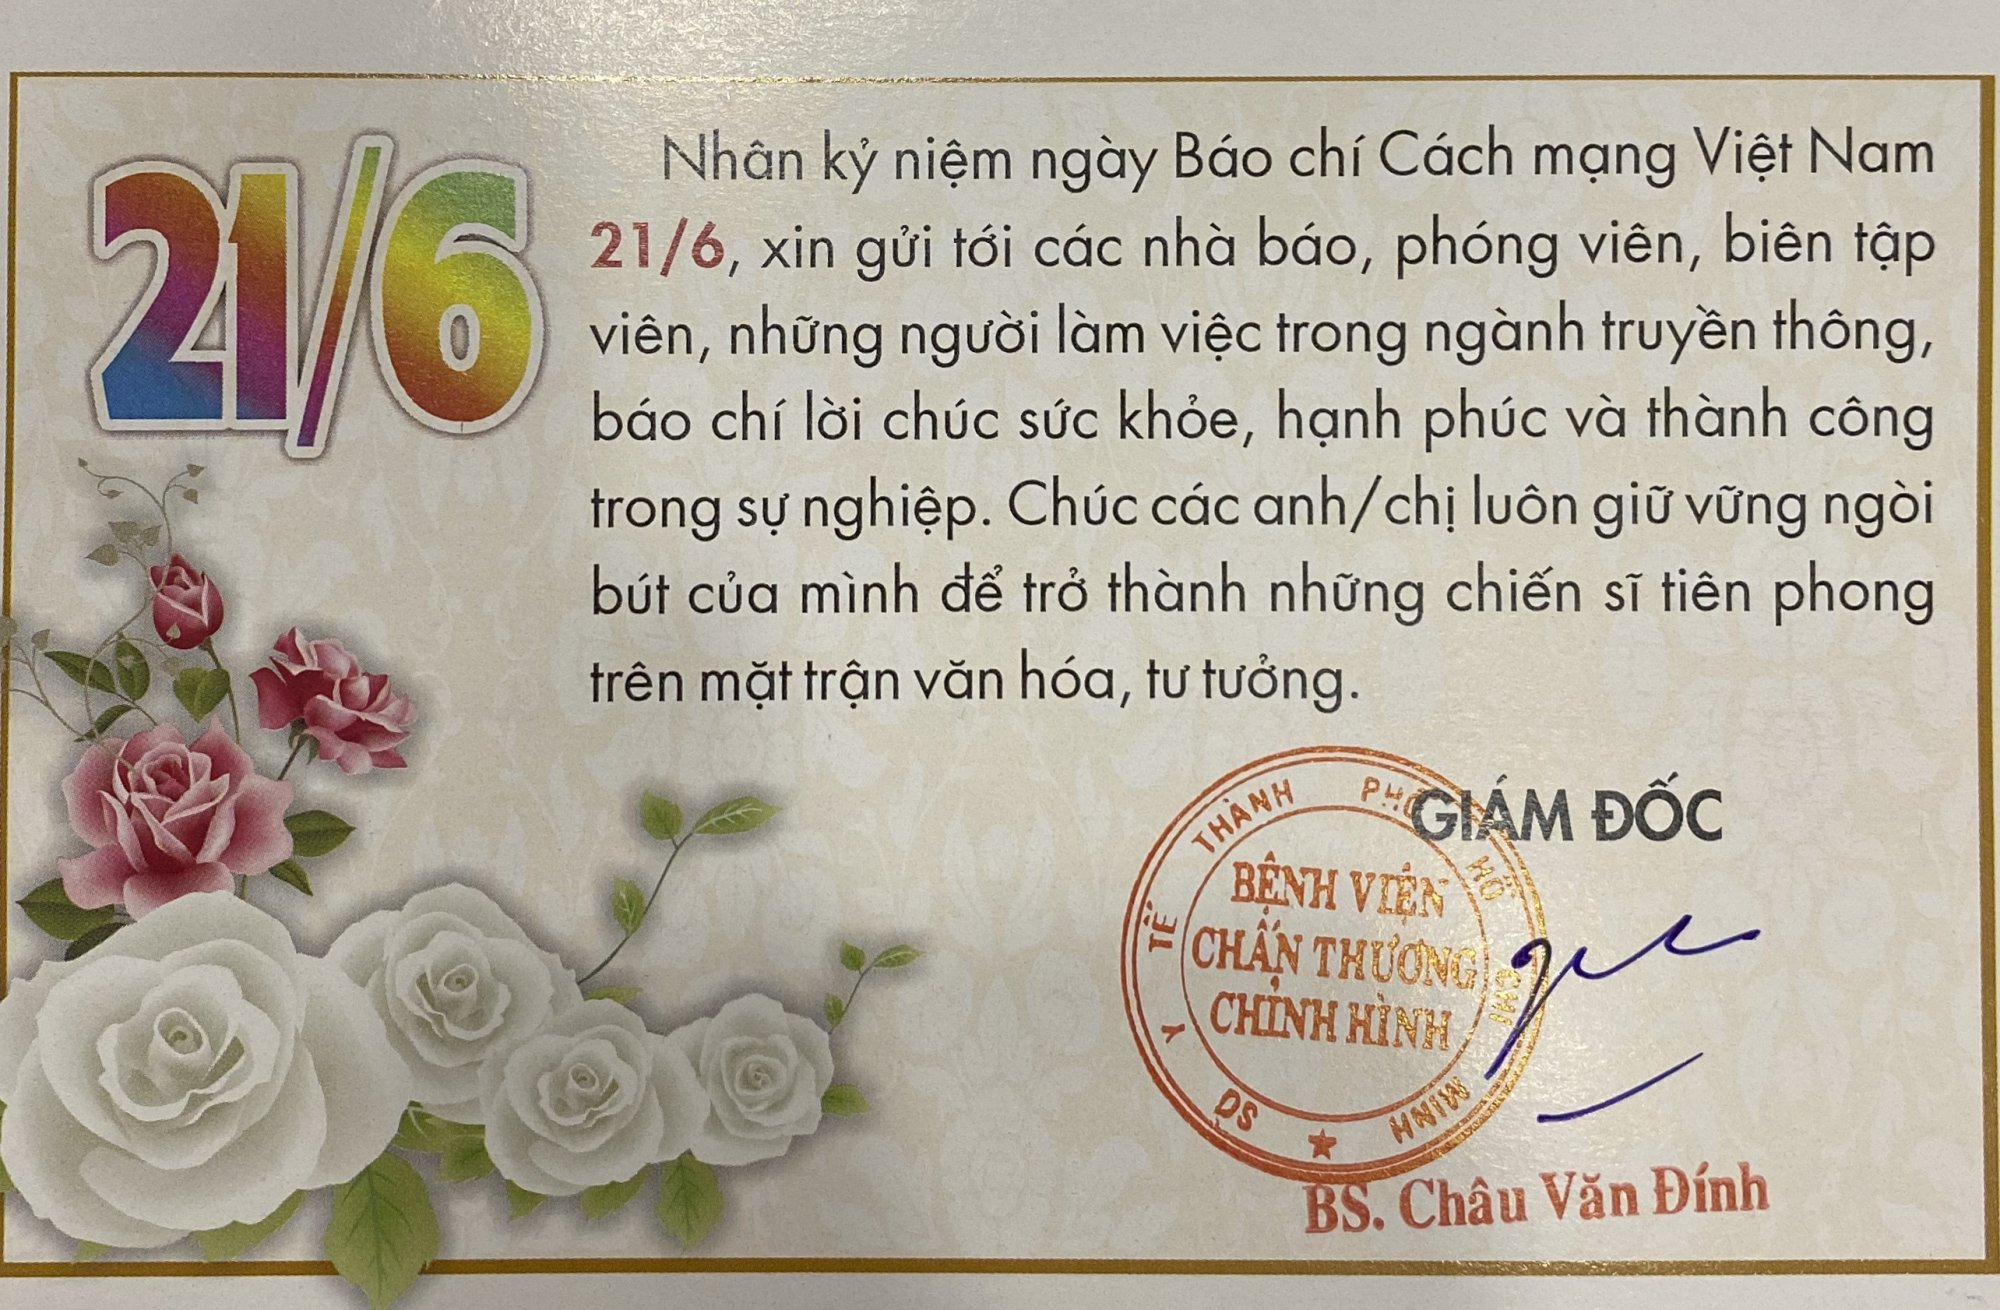 NGÀY BÁO CHÍ CÁCH MẠNG Việt Nam! 21/06